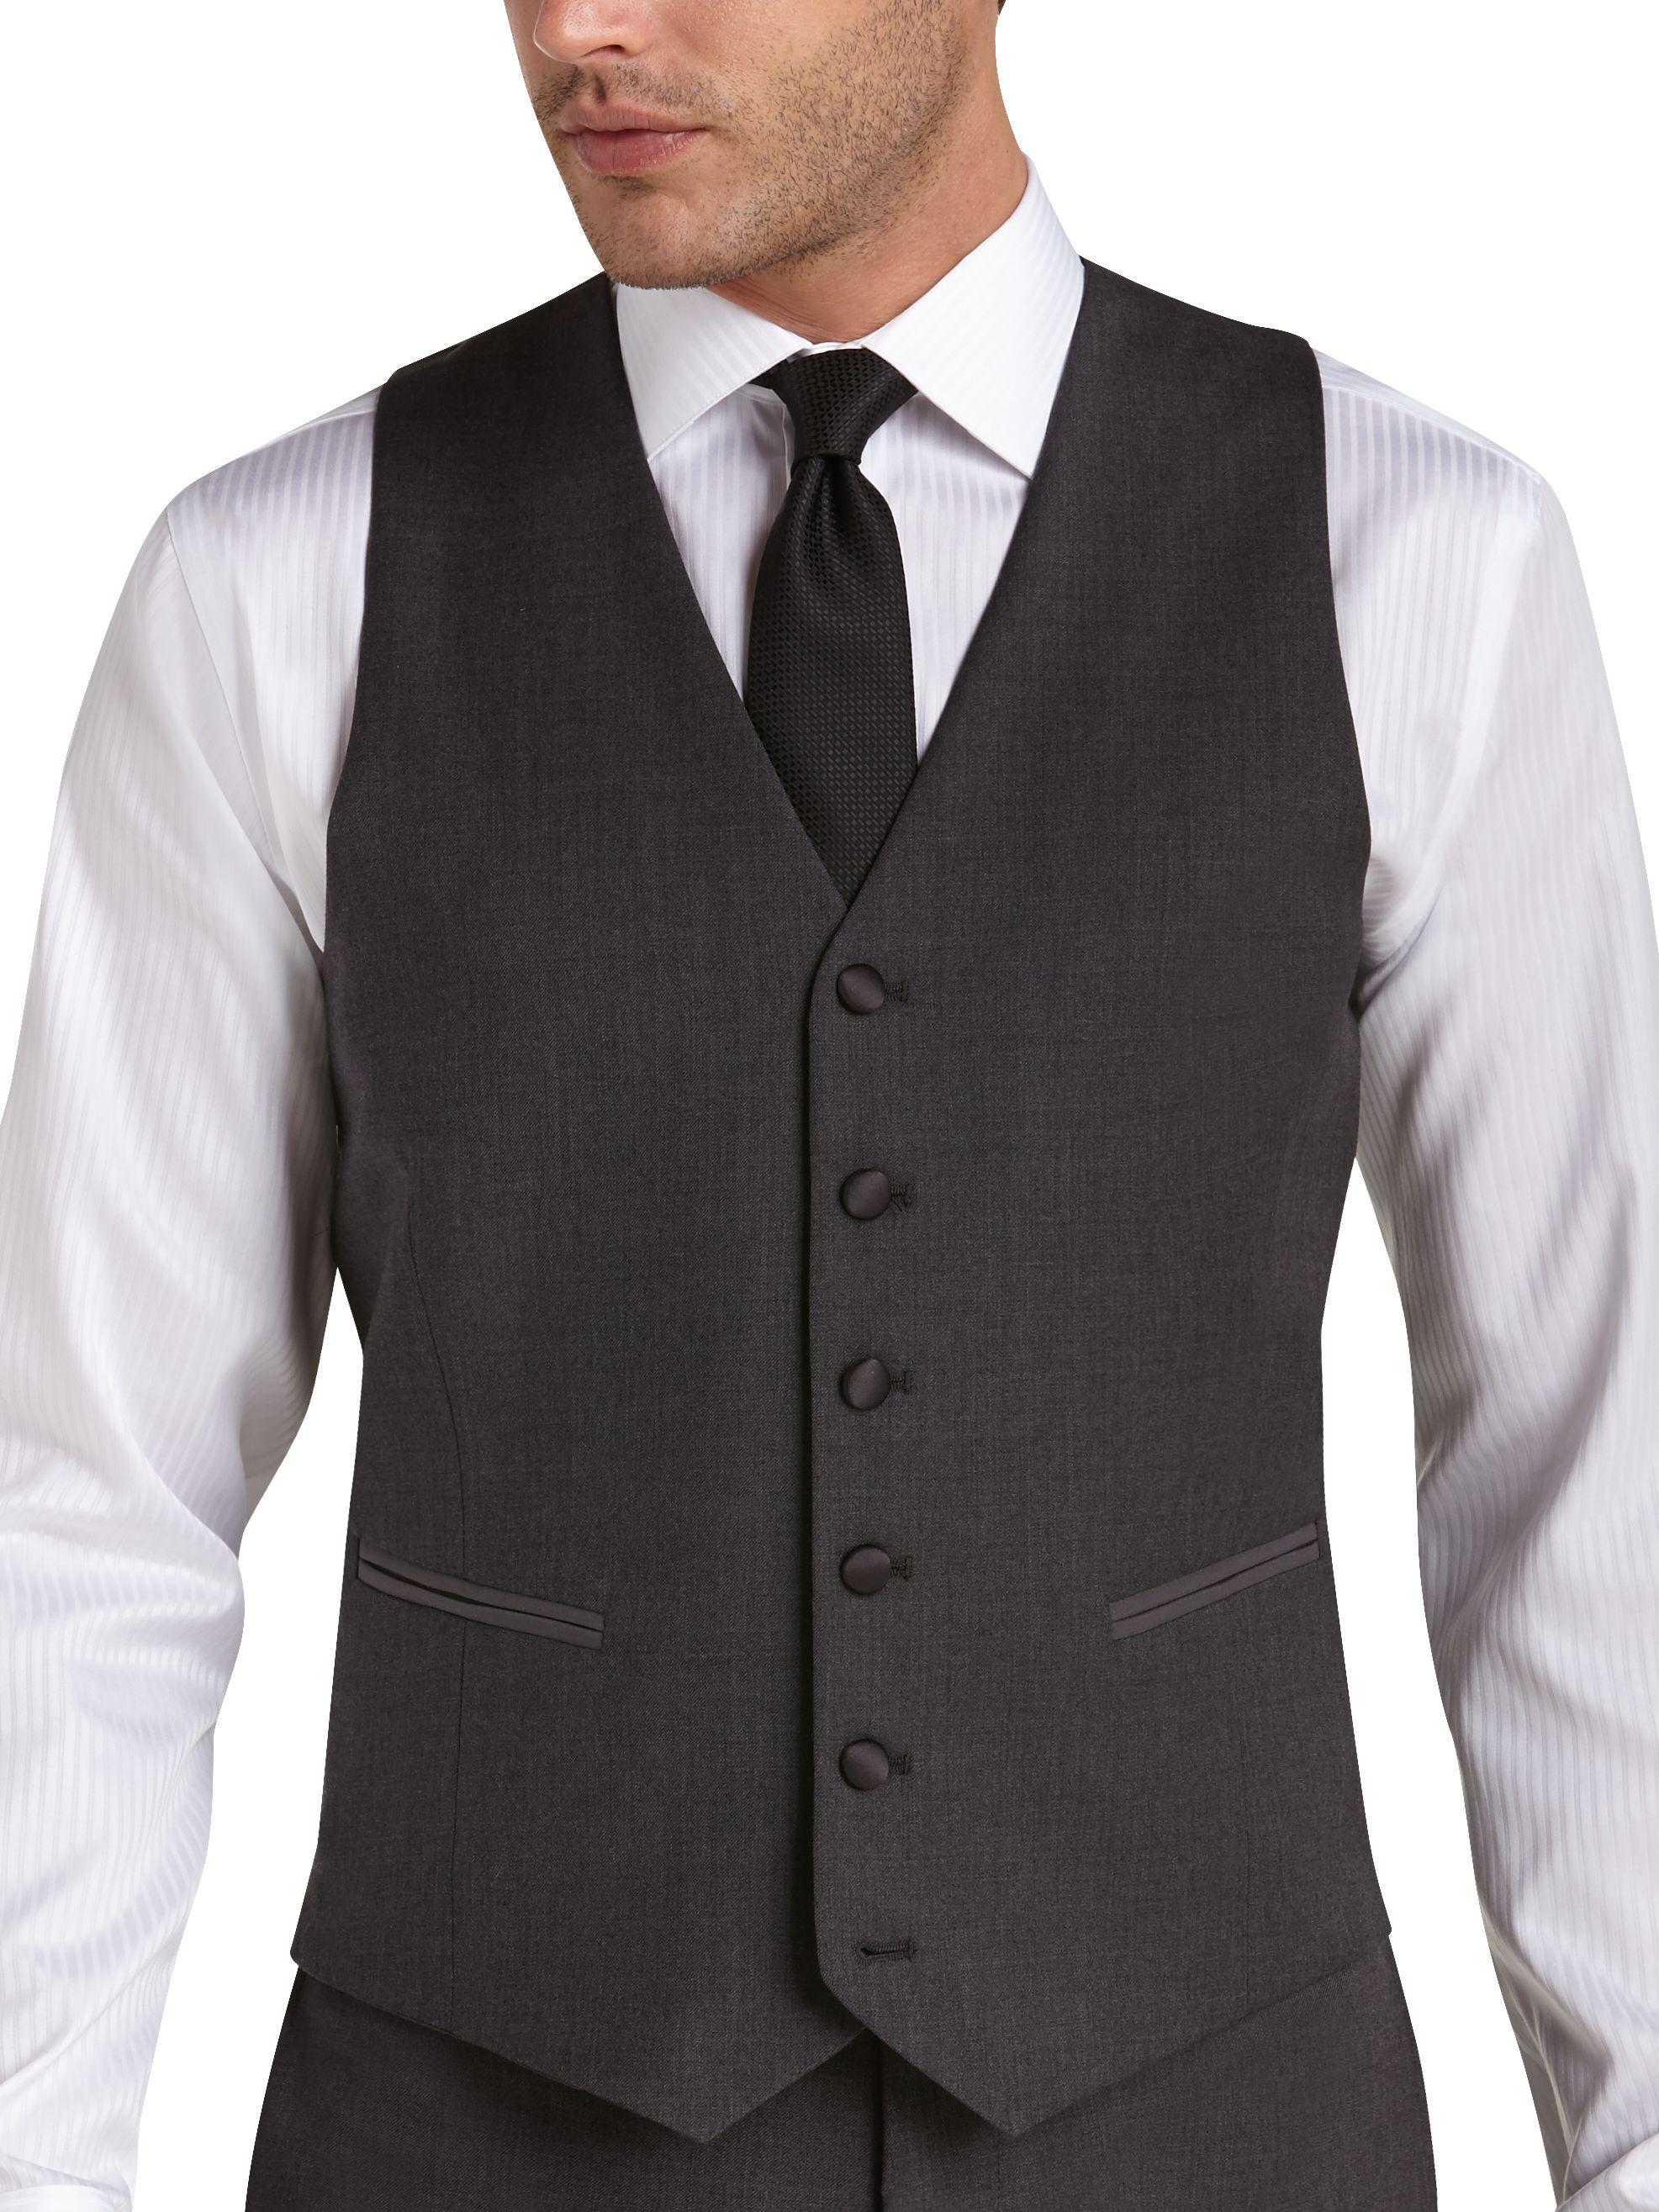 vests suits men s